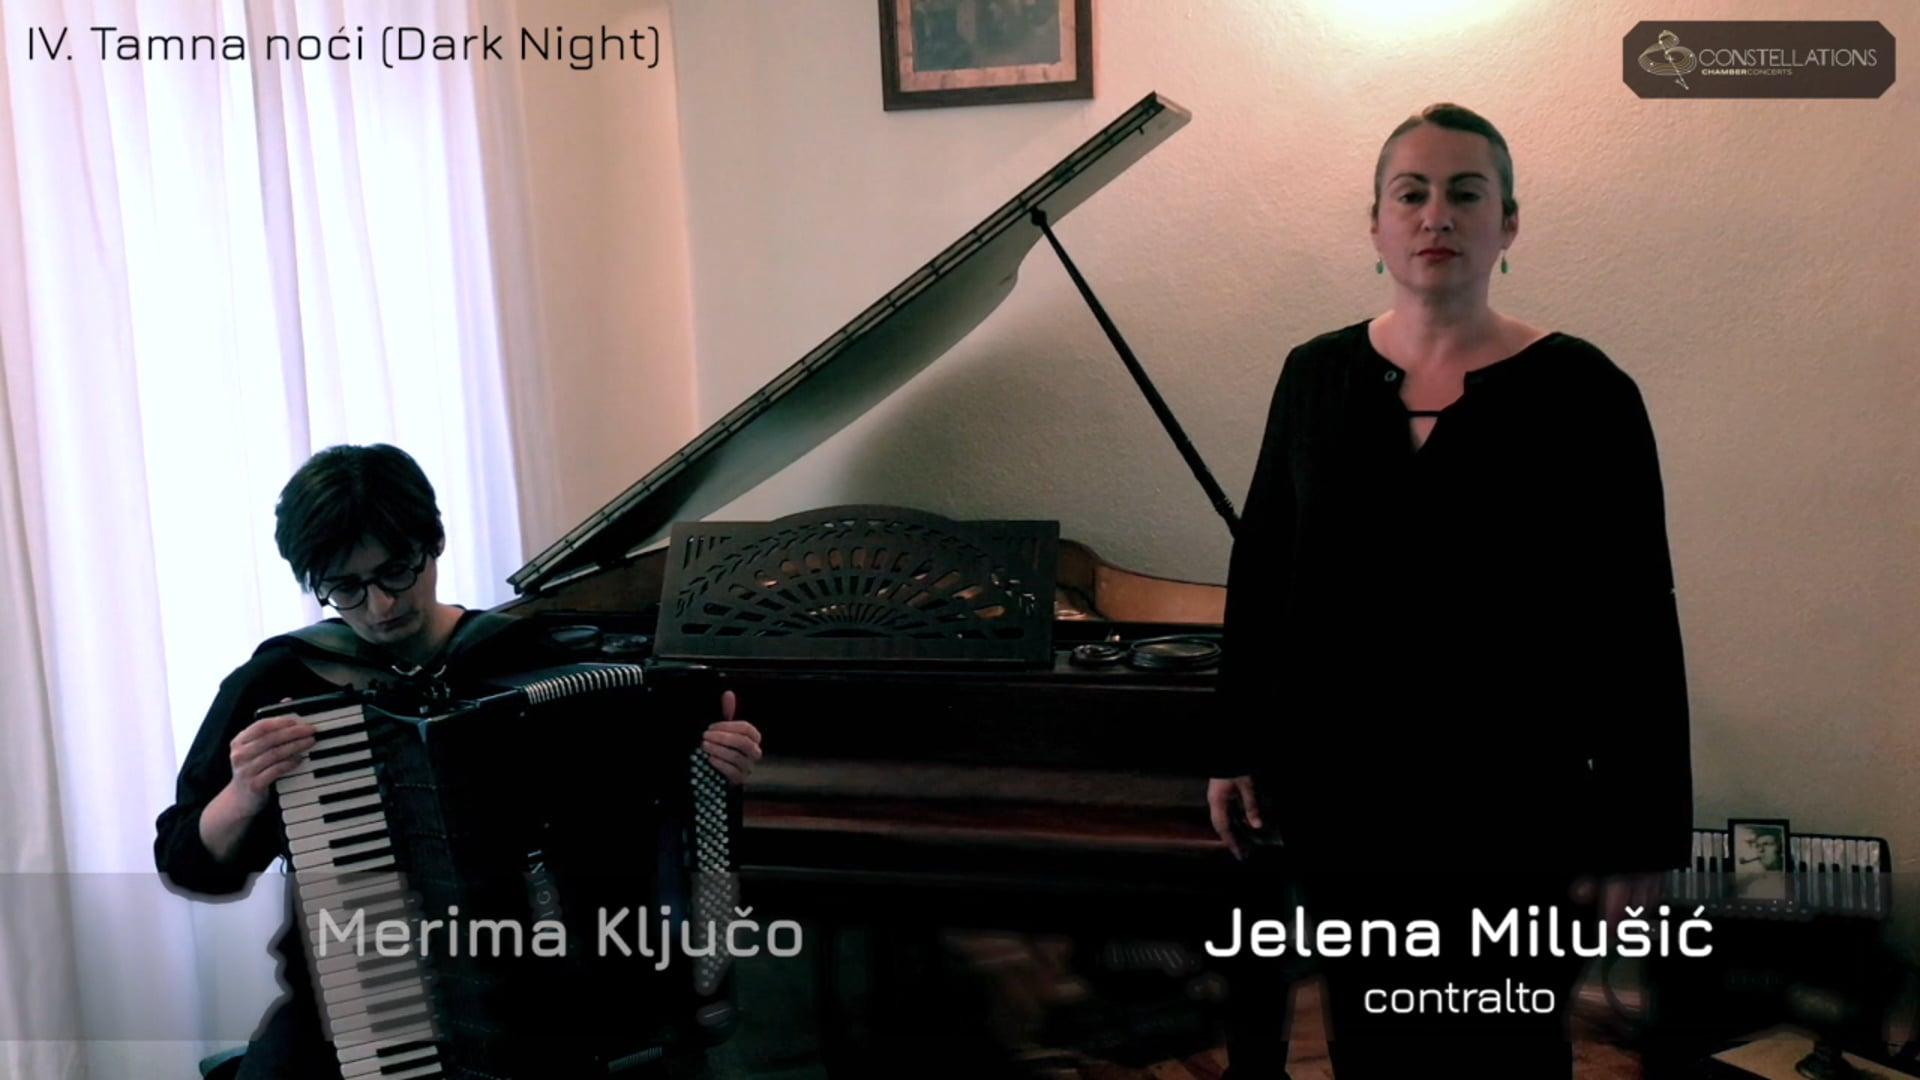 """Merima Ključo & Jelena Milušić: """"Tamna noći"""" (Dark Night)"""